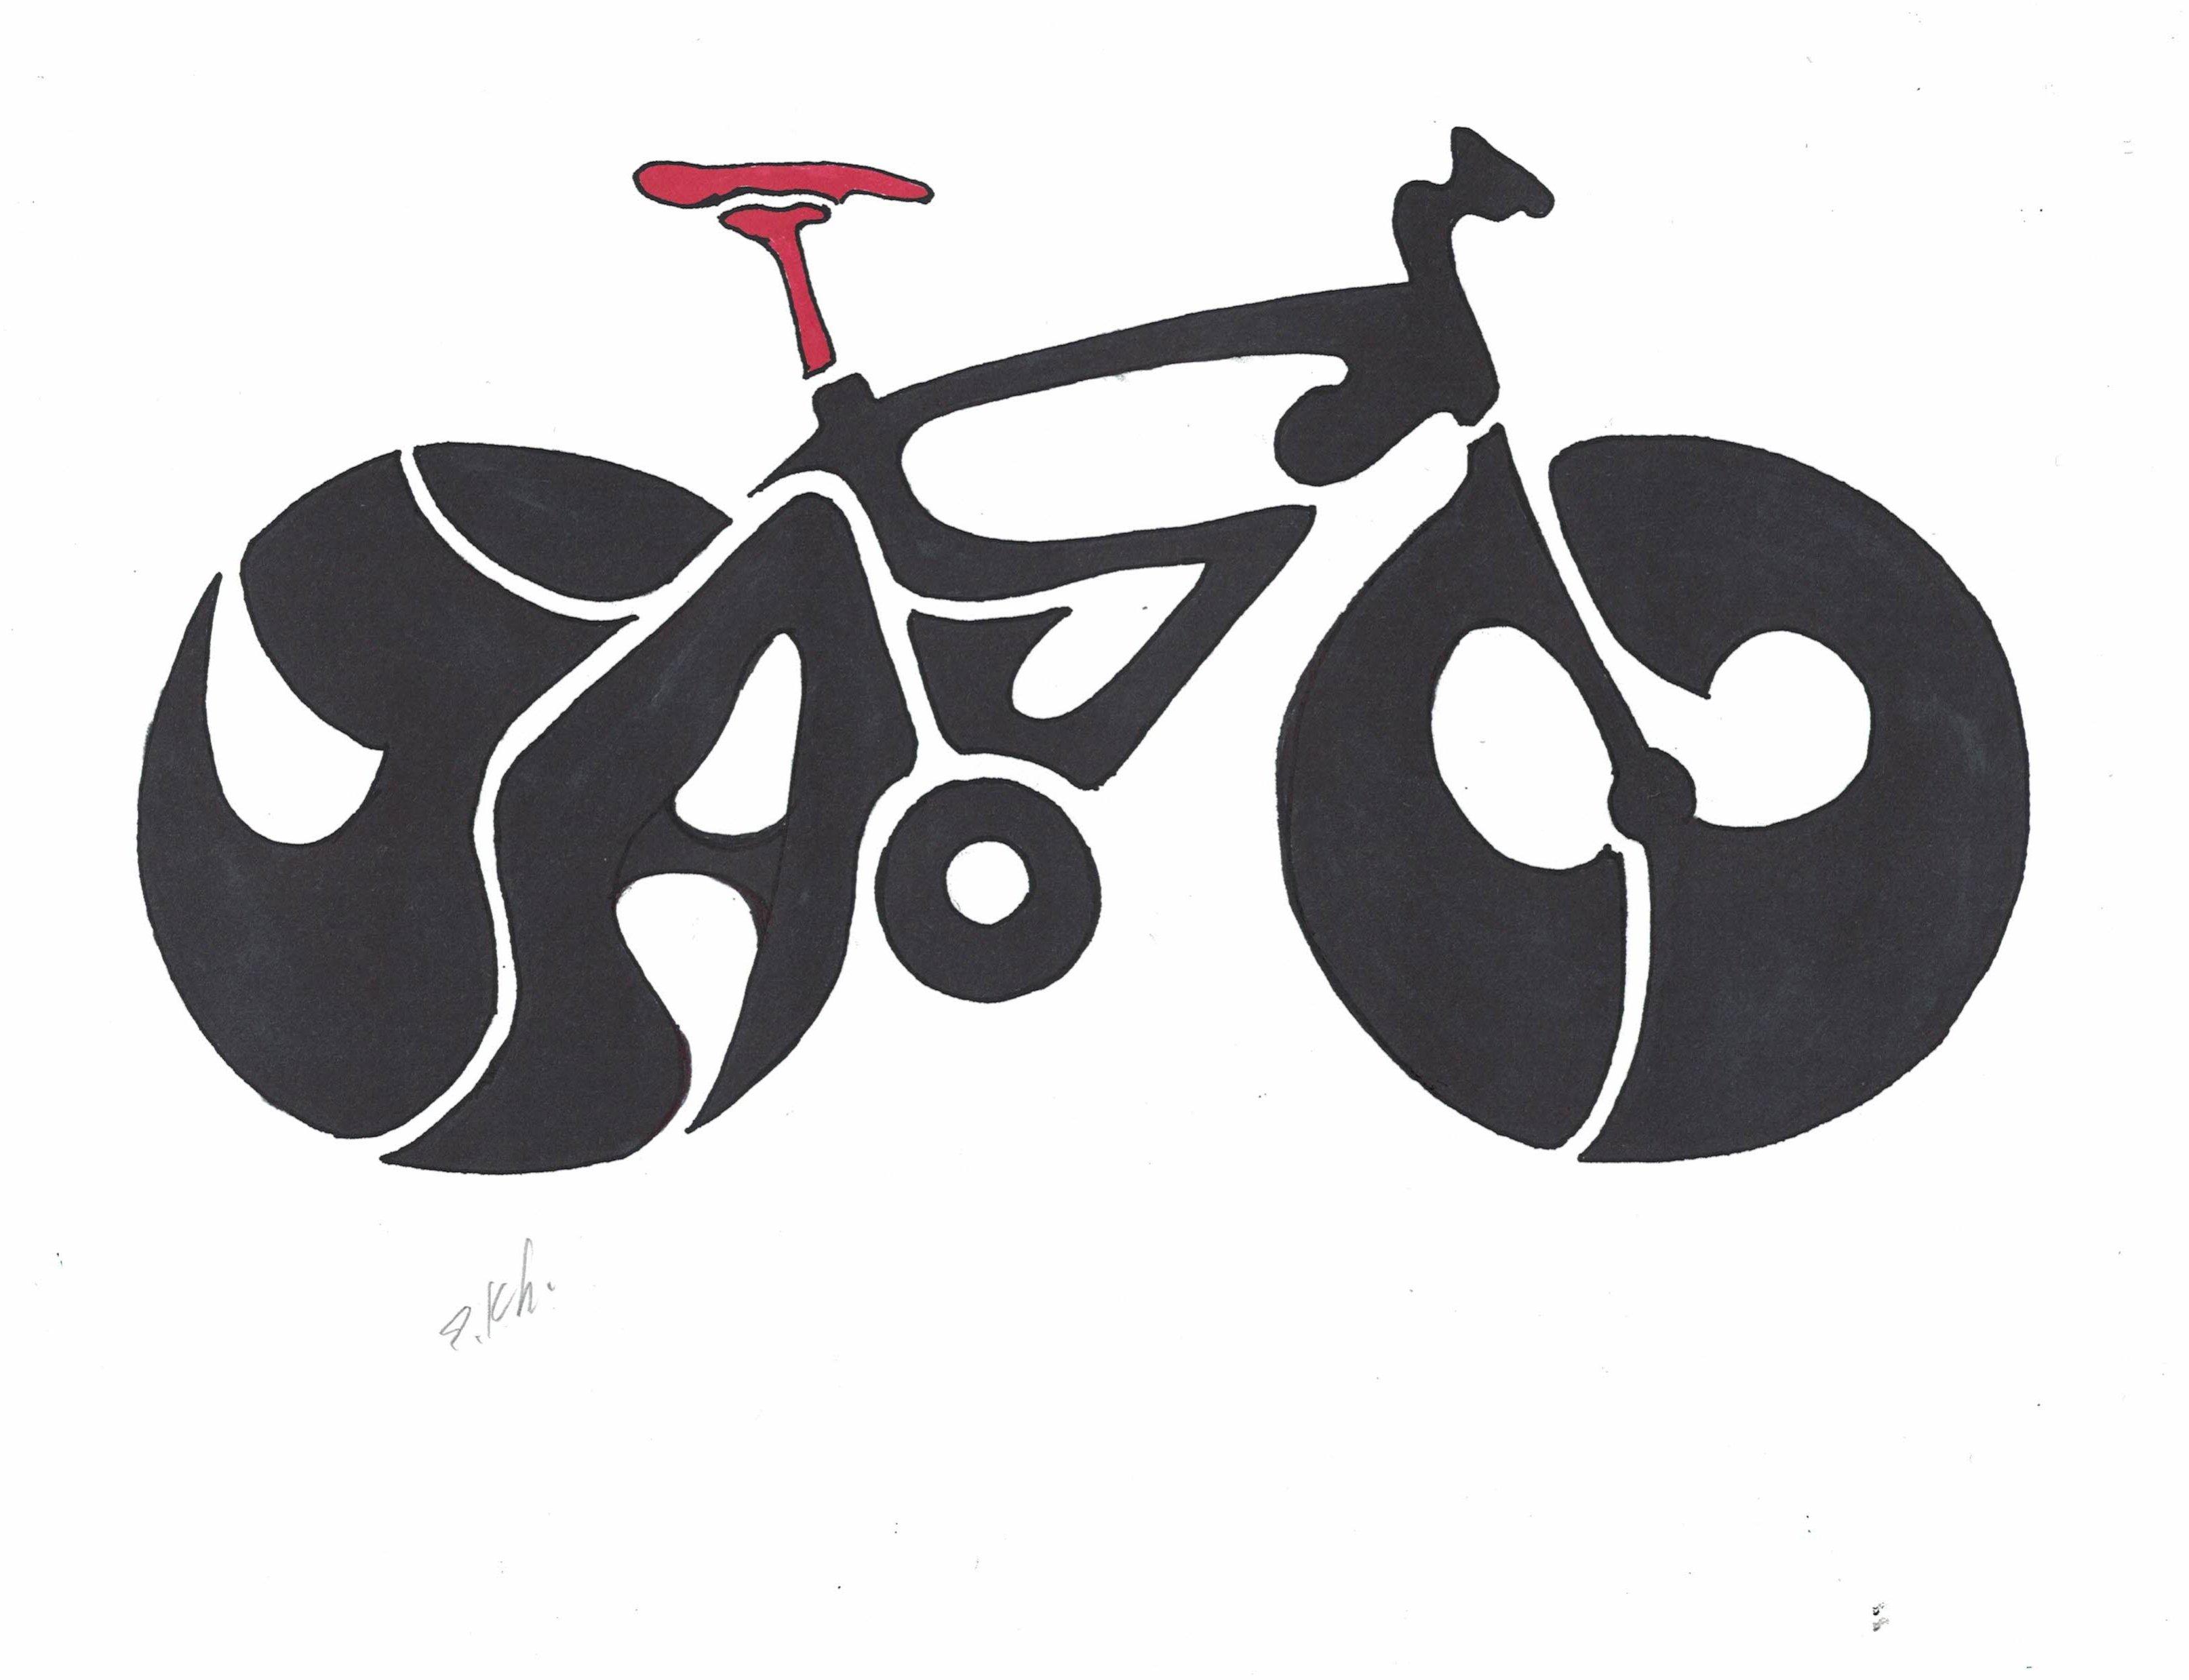 I Jason Bicycle